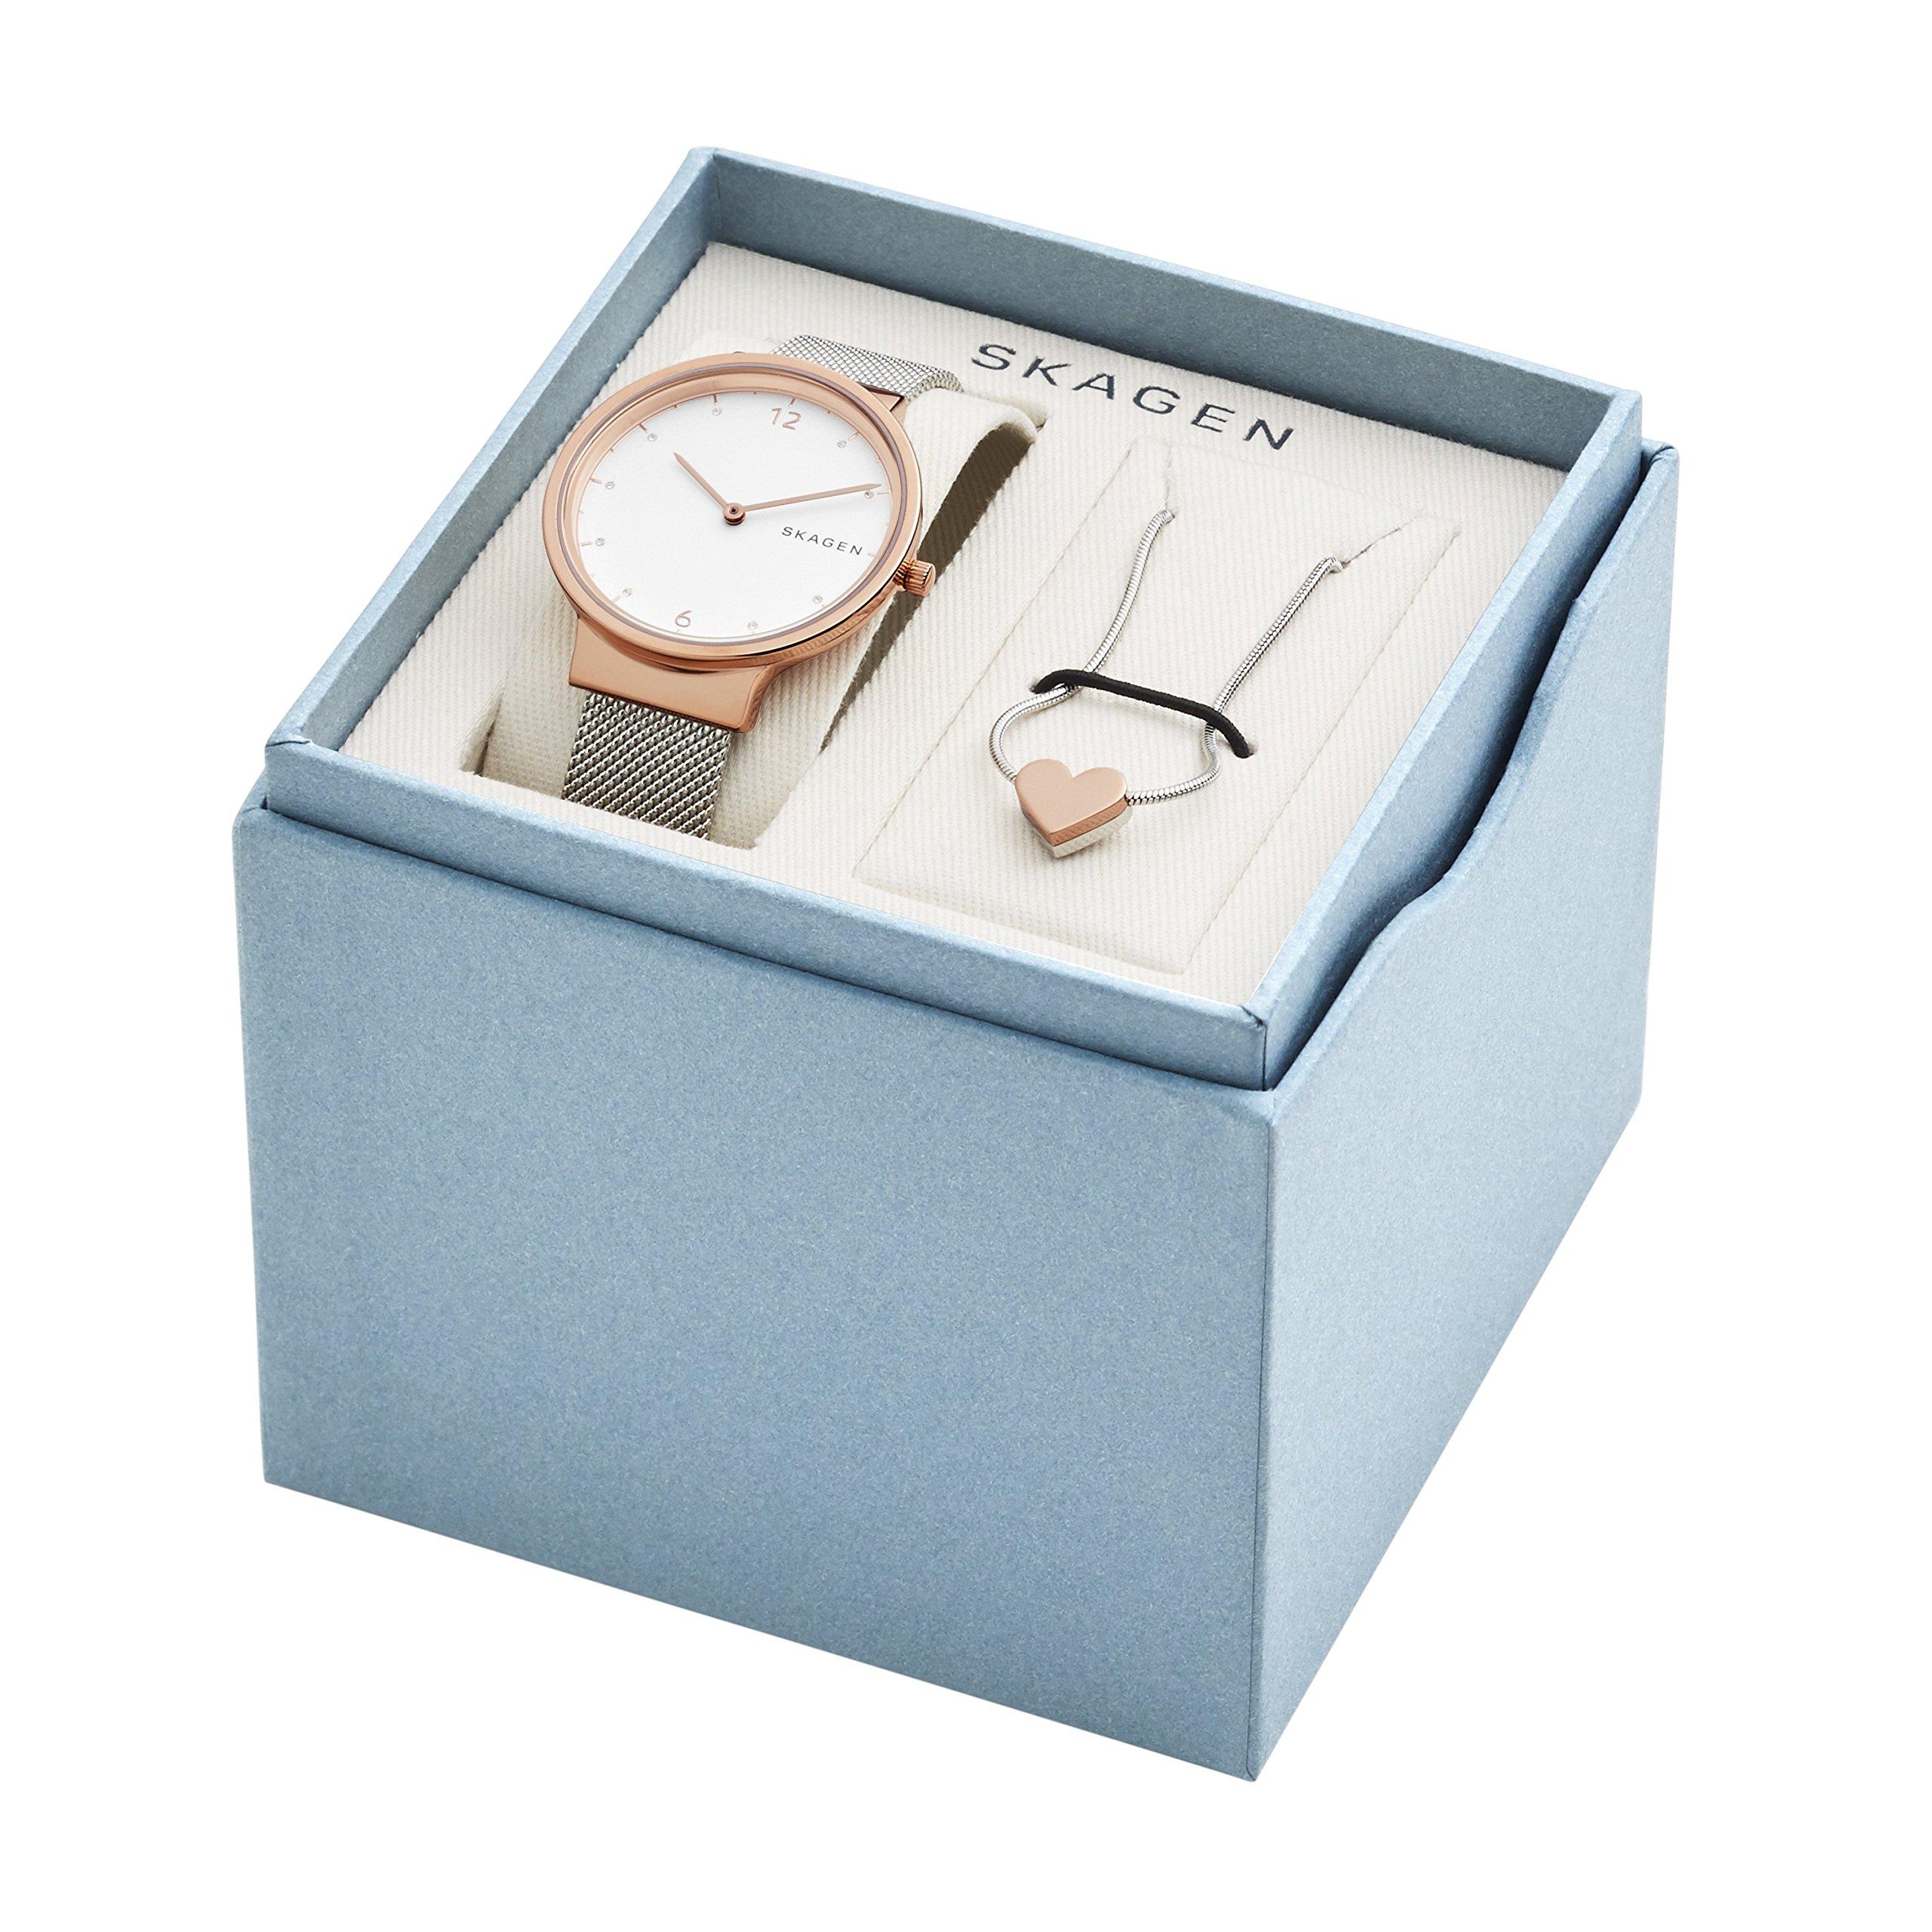 Skagen  Women's  SKW1086 Ancher Steel-Mesh Watch and Katrine Necklace Box Set